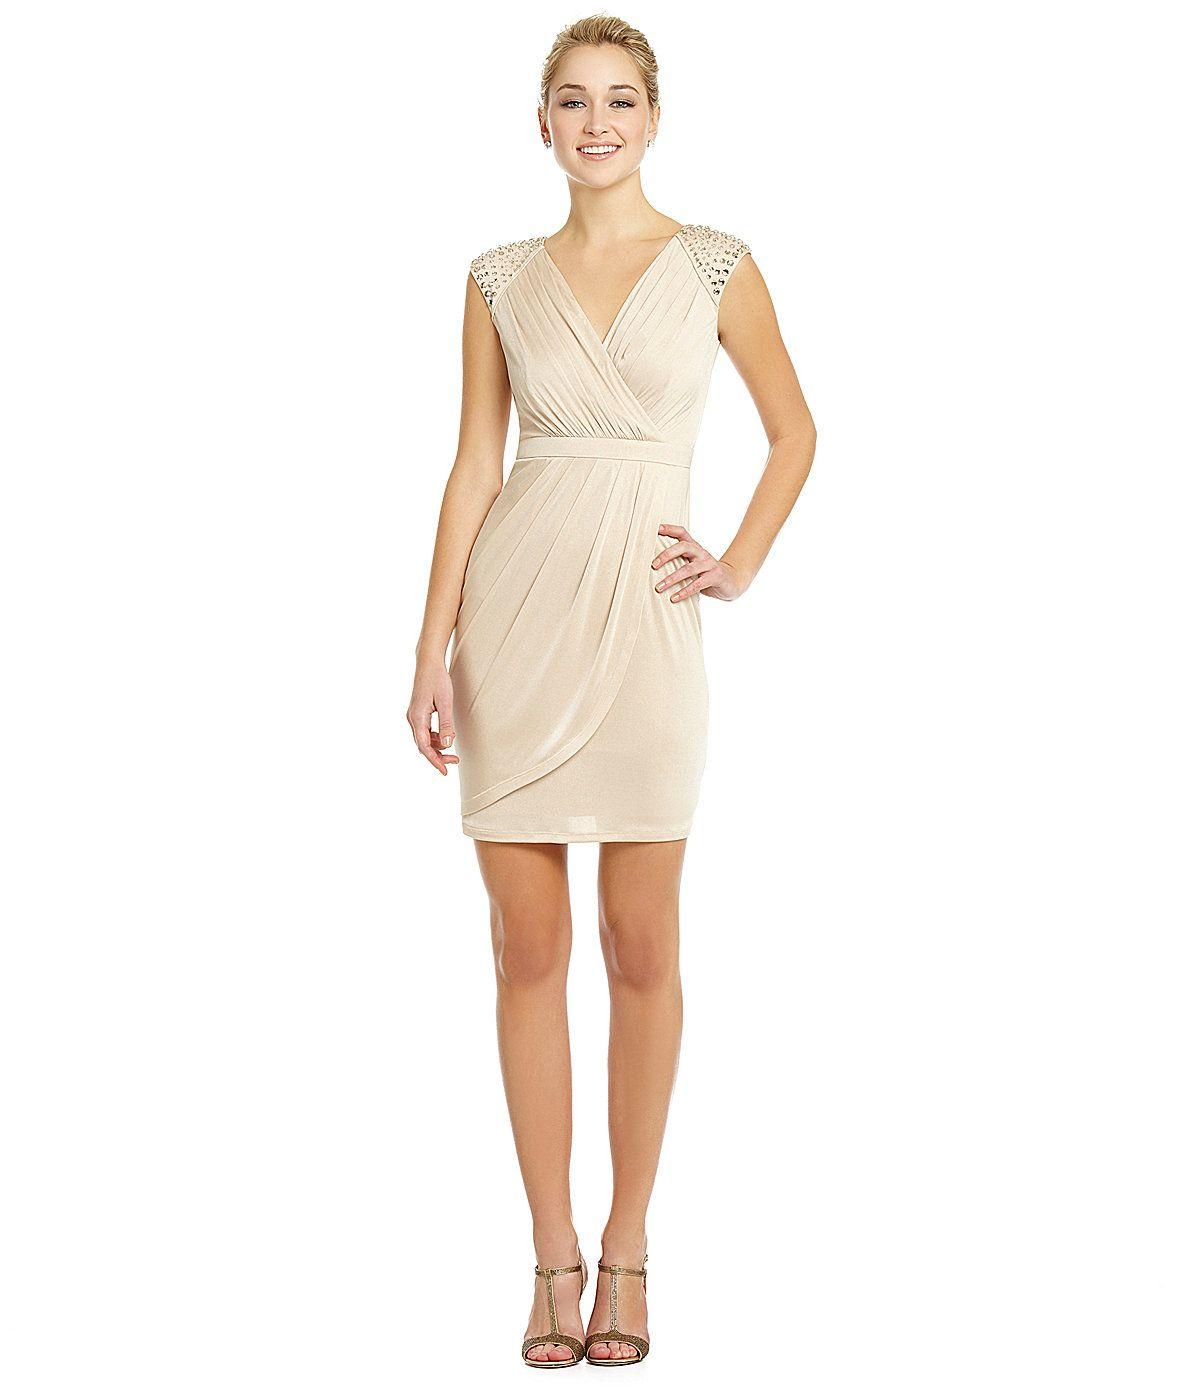 Wedding dresses dillards  Vince Camuto EmbellishedShoulder Dress  Dillards   Nancyus